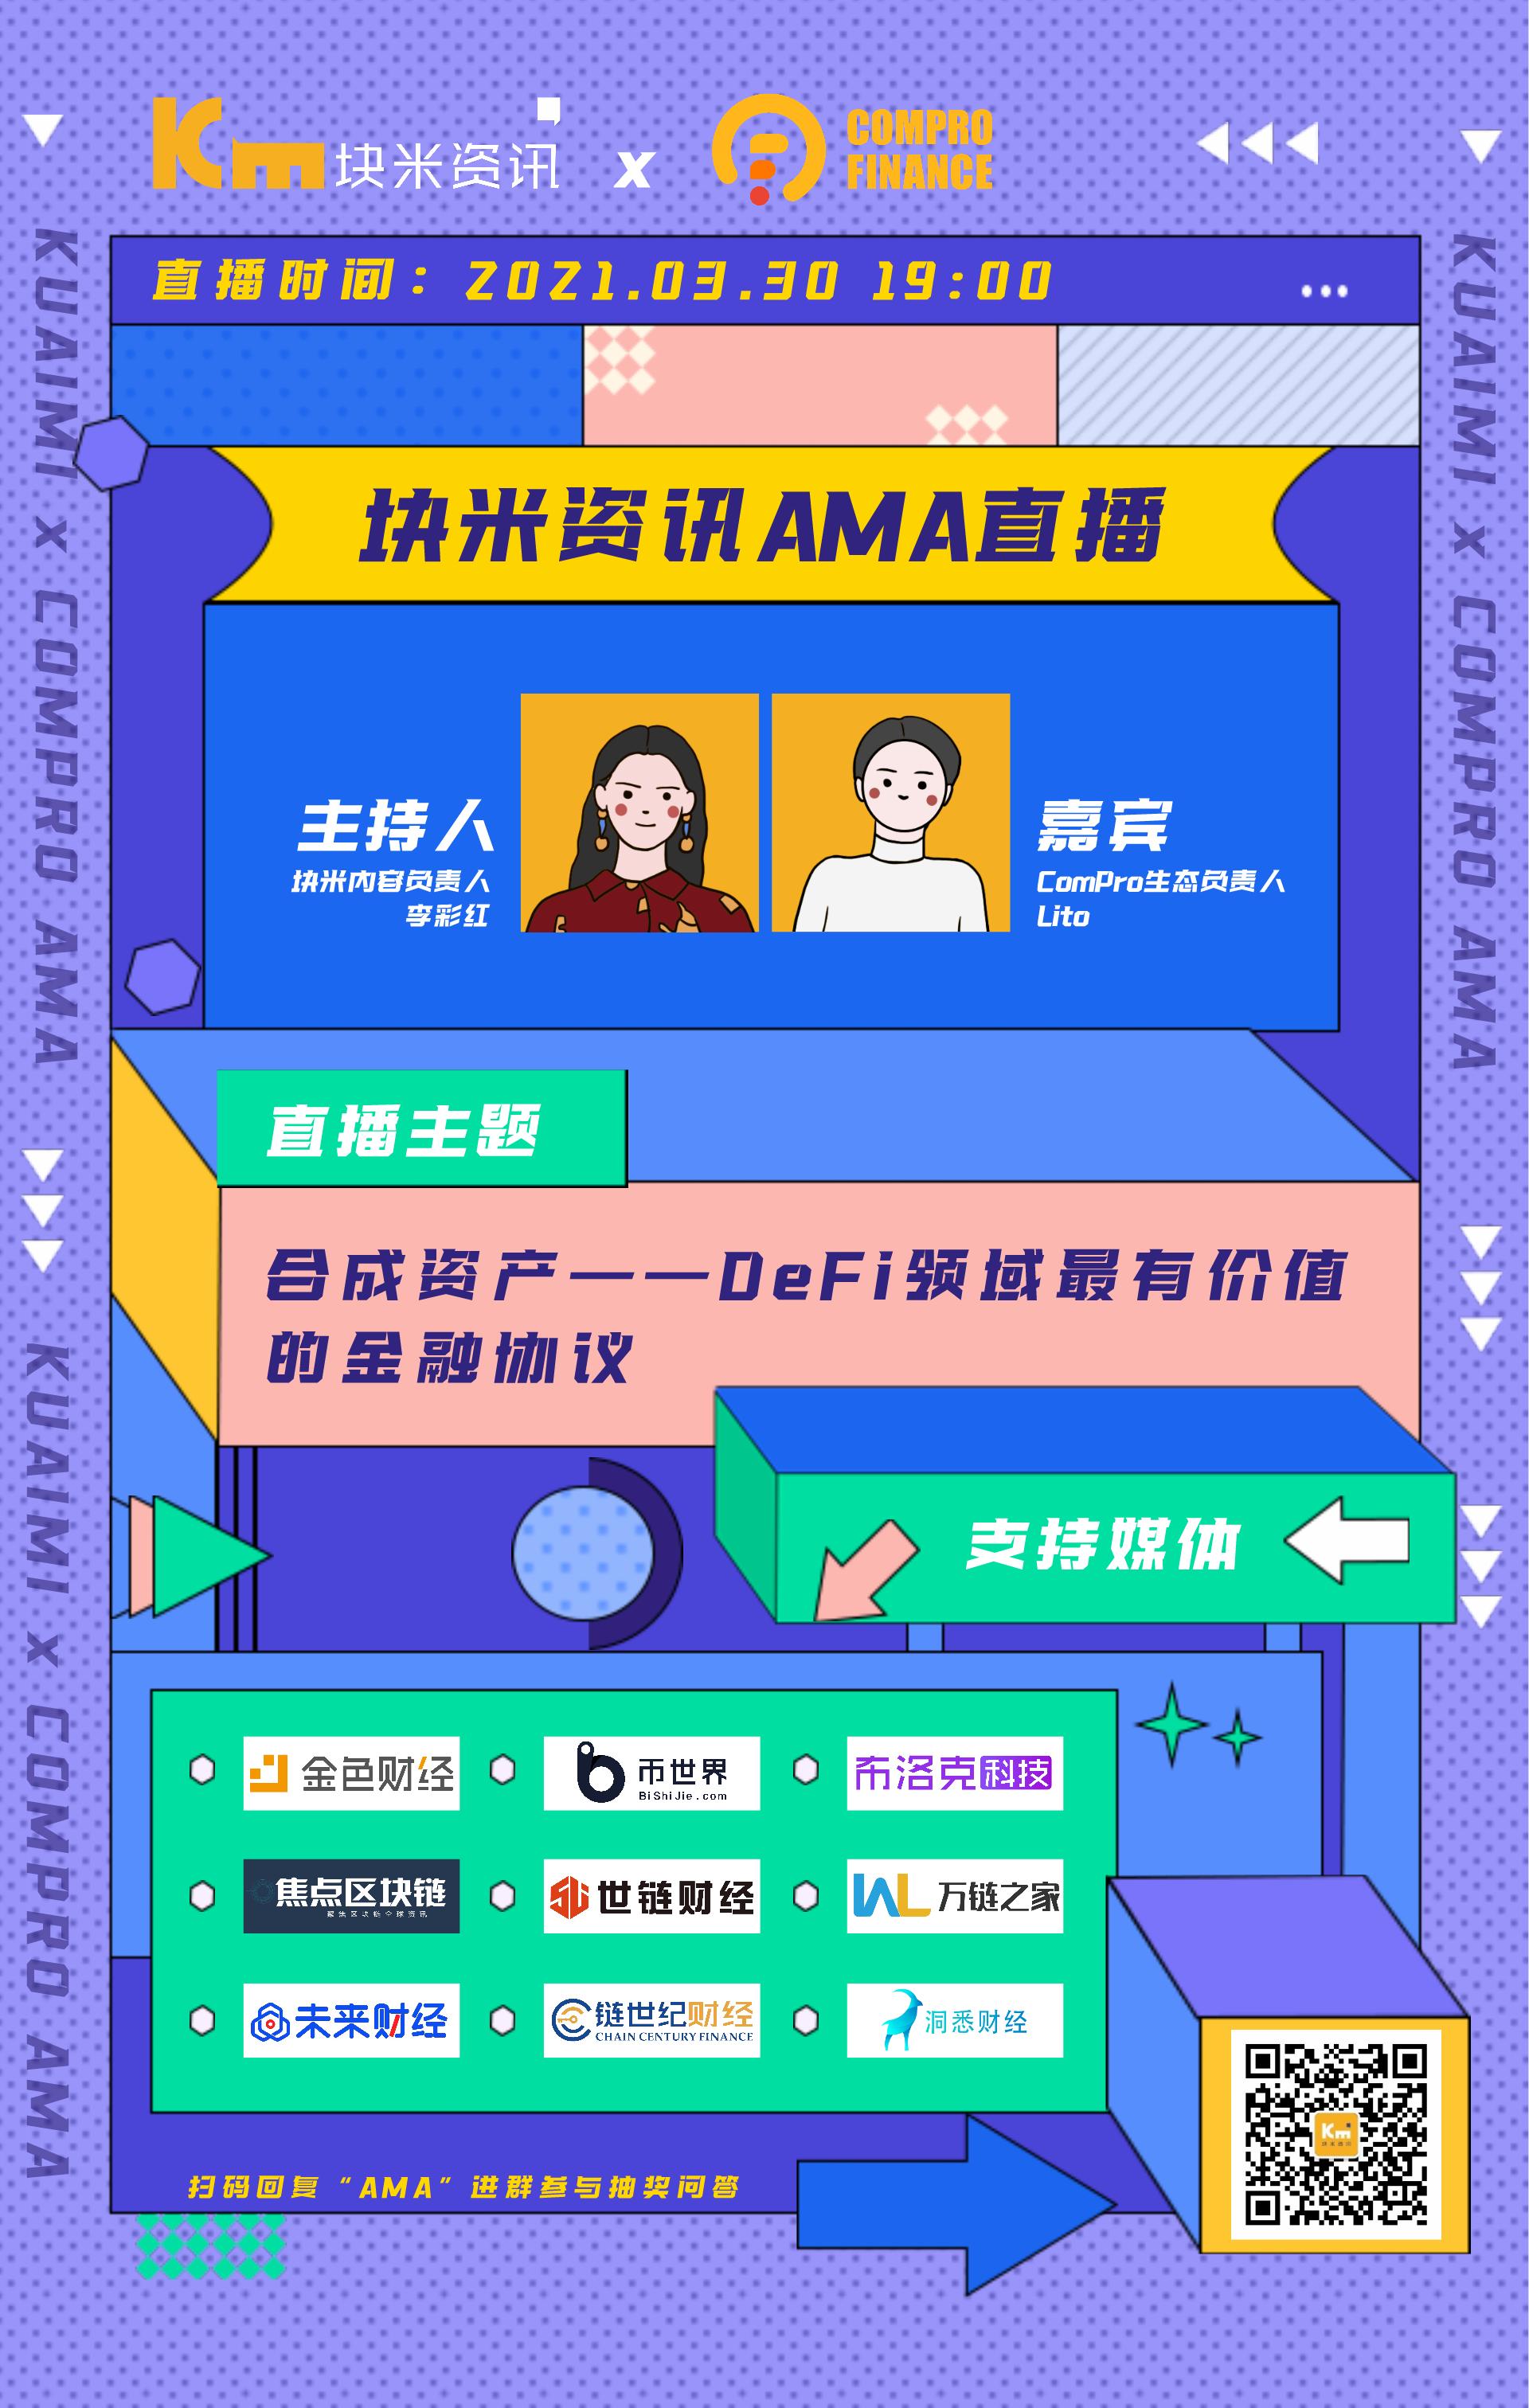 块米资讯AMA对话Lito :ComPro如何成为引领DeFi衍生品浪潮中最具价值的金融协议